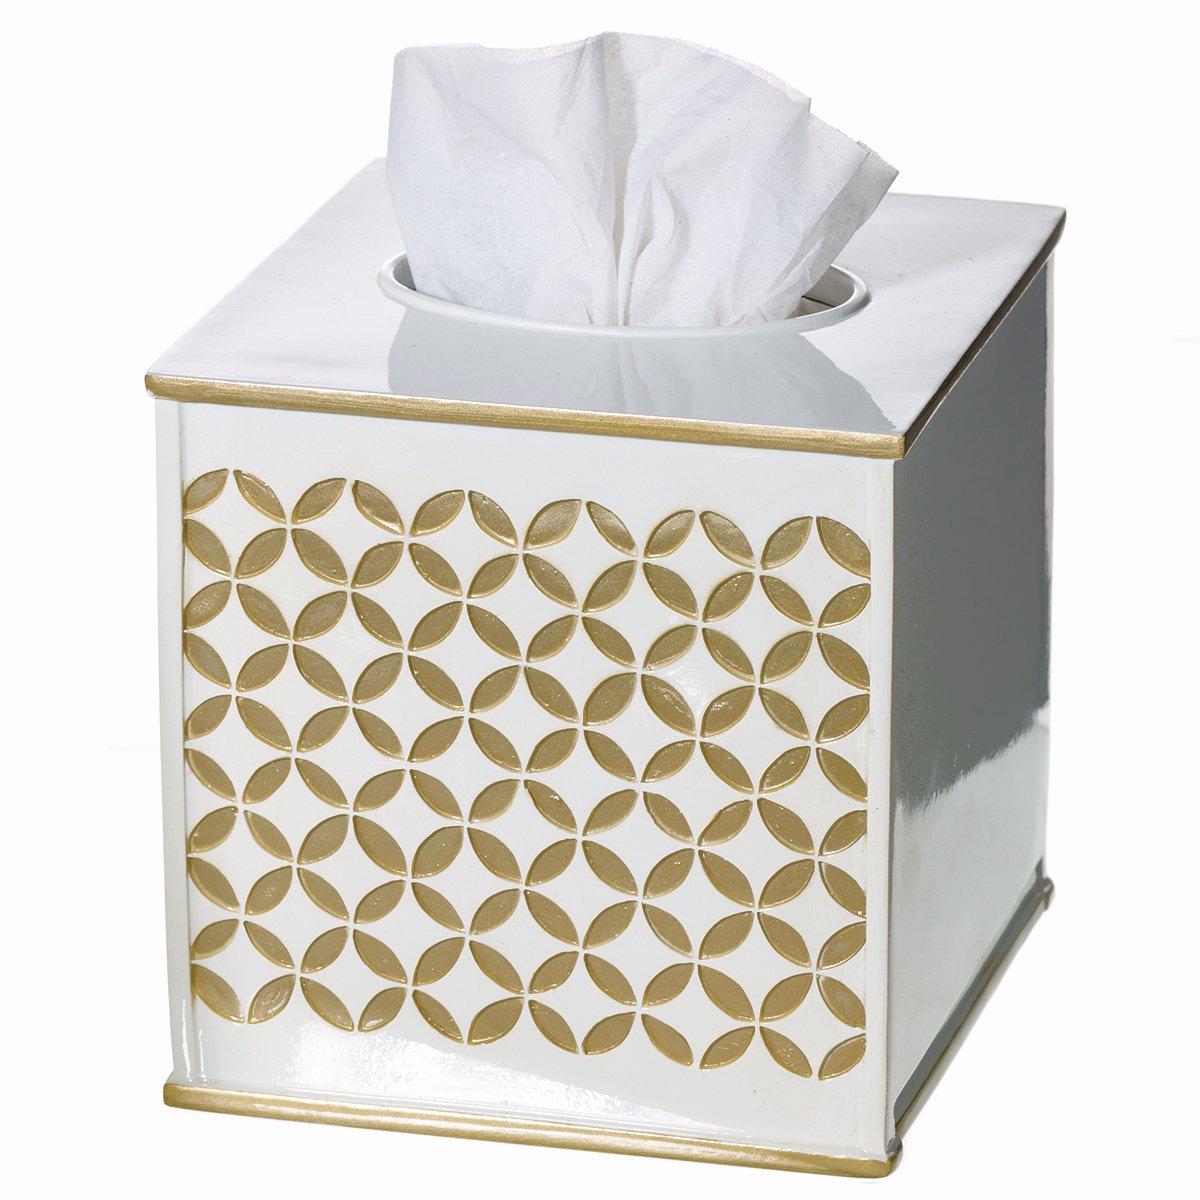 """Creative Scents Gold Tissue Box Cover Square - (6"""" x 6"""" x 5.75"""") – Decorative Bath Tissues Napkin Holder With Bottom Slider- For Cute Elegant Bathroom Decor Diamond Lattice Collection"""